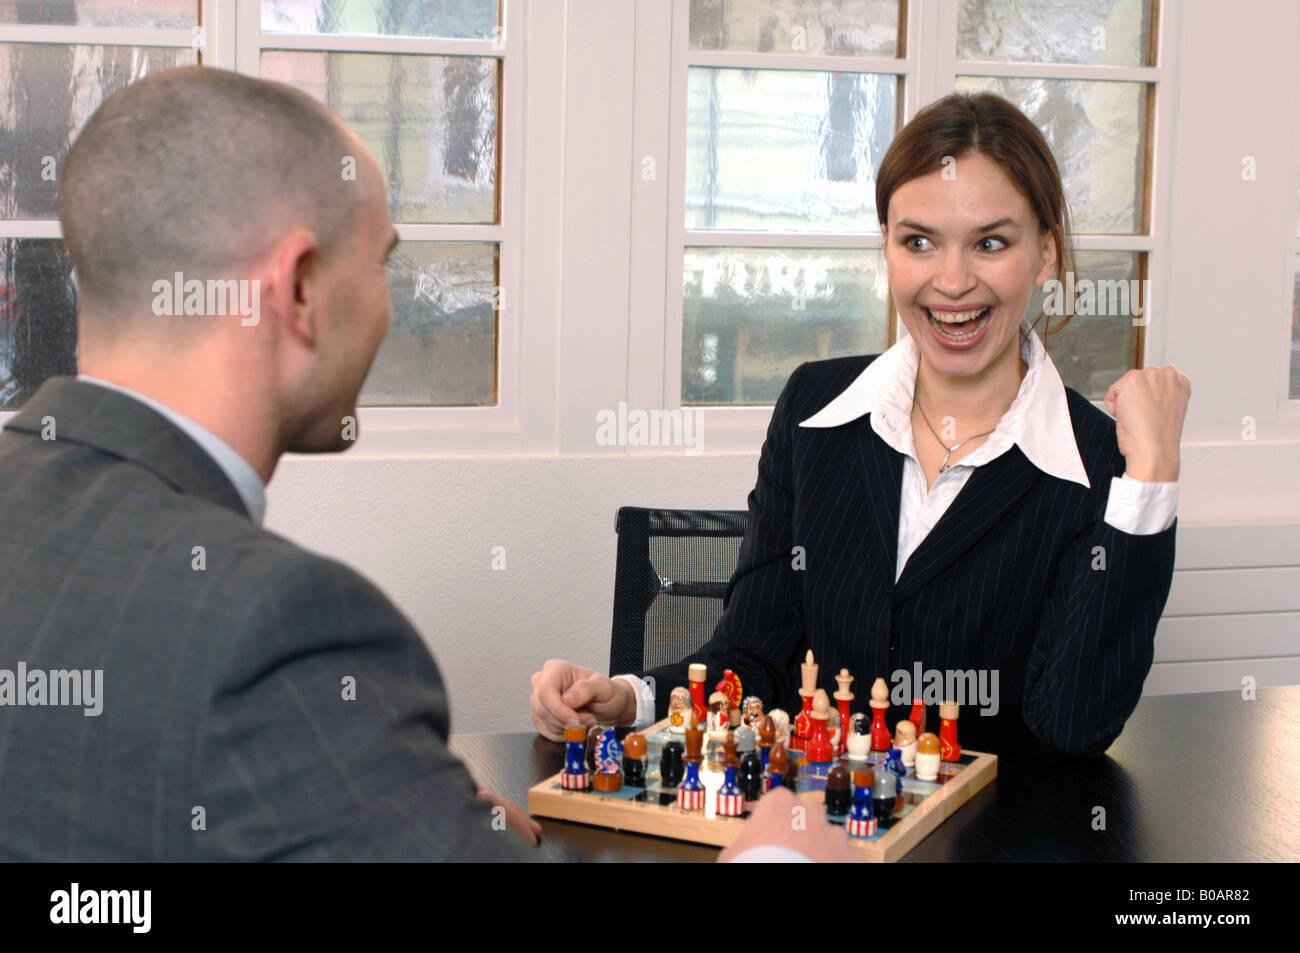 Les personnes jouant aux échecs Banque D'Images